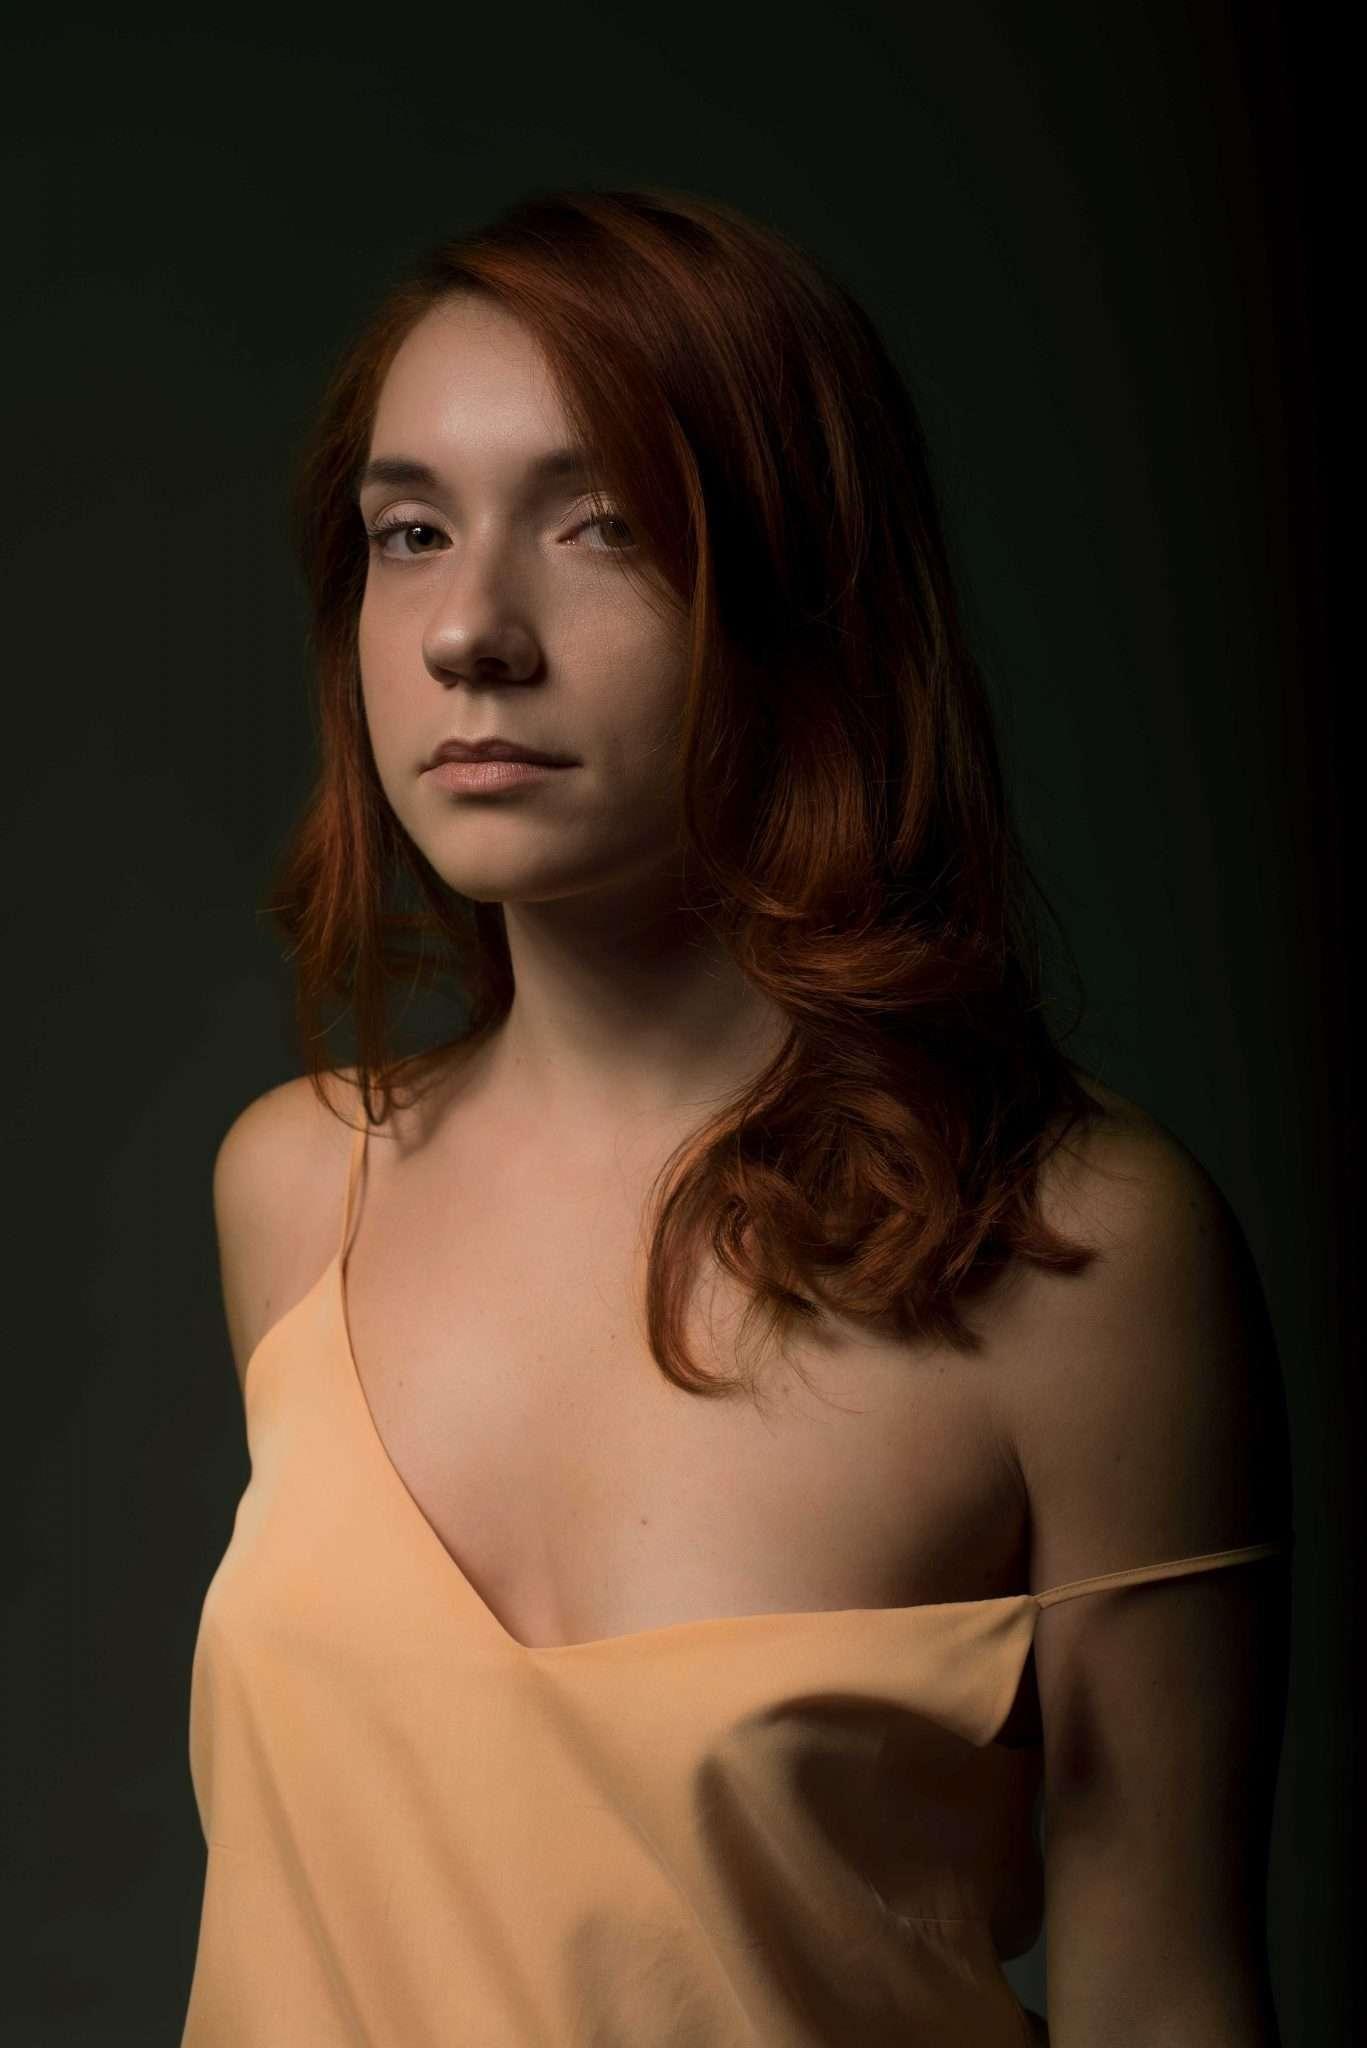 Fotografia ritratto ragazza chioma rossa realizzata da Barbara Trincone Fotografo freelance con studio privato a Pozzuoli Napoli